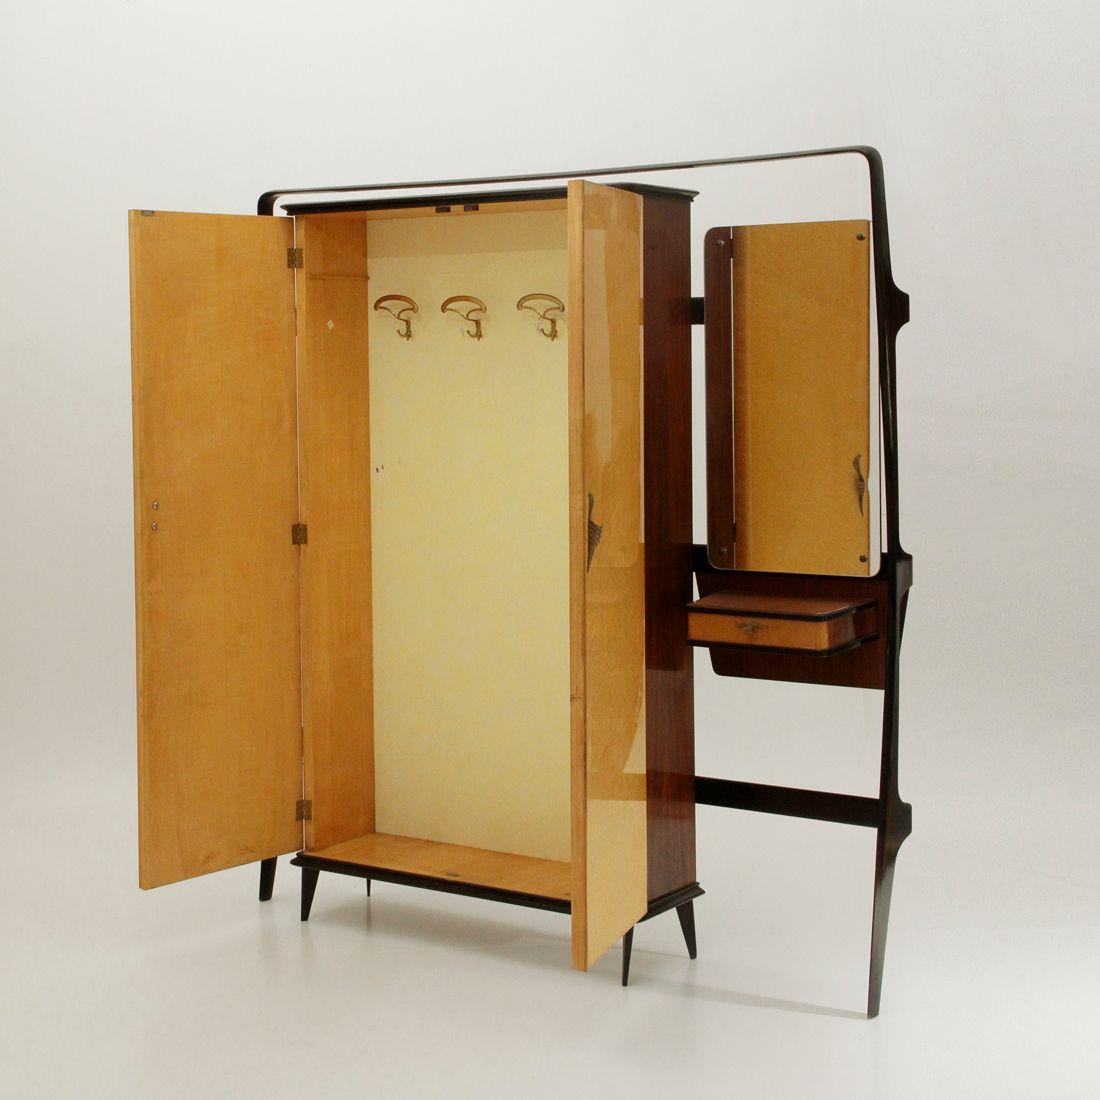 Coat hanger cabinet with console by consorzio esposizione mobili cant 1950s for sale at pamono - Mobili esposizione ...